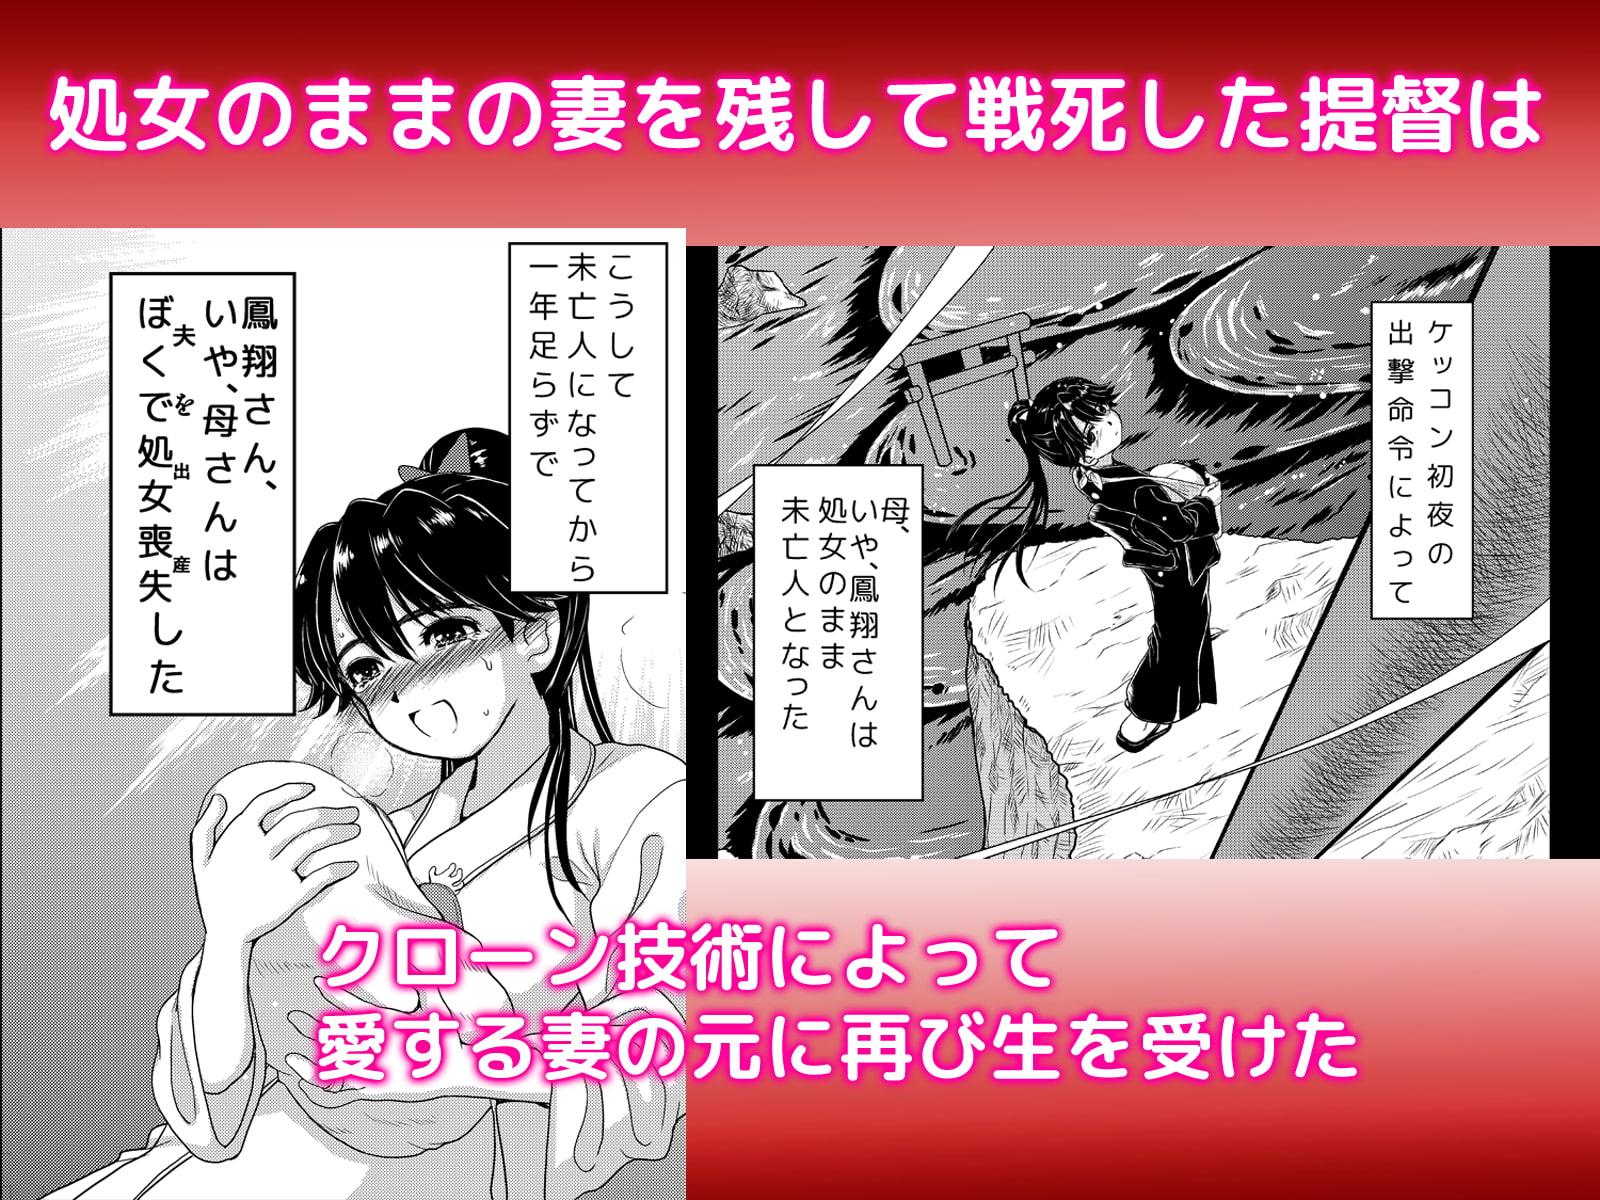 処女のまま未亡人となった鳳翔さんが夫のクローンを産み、育て、そして…